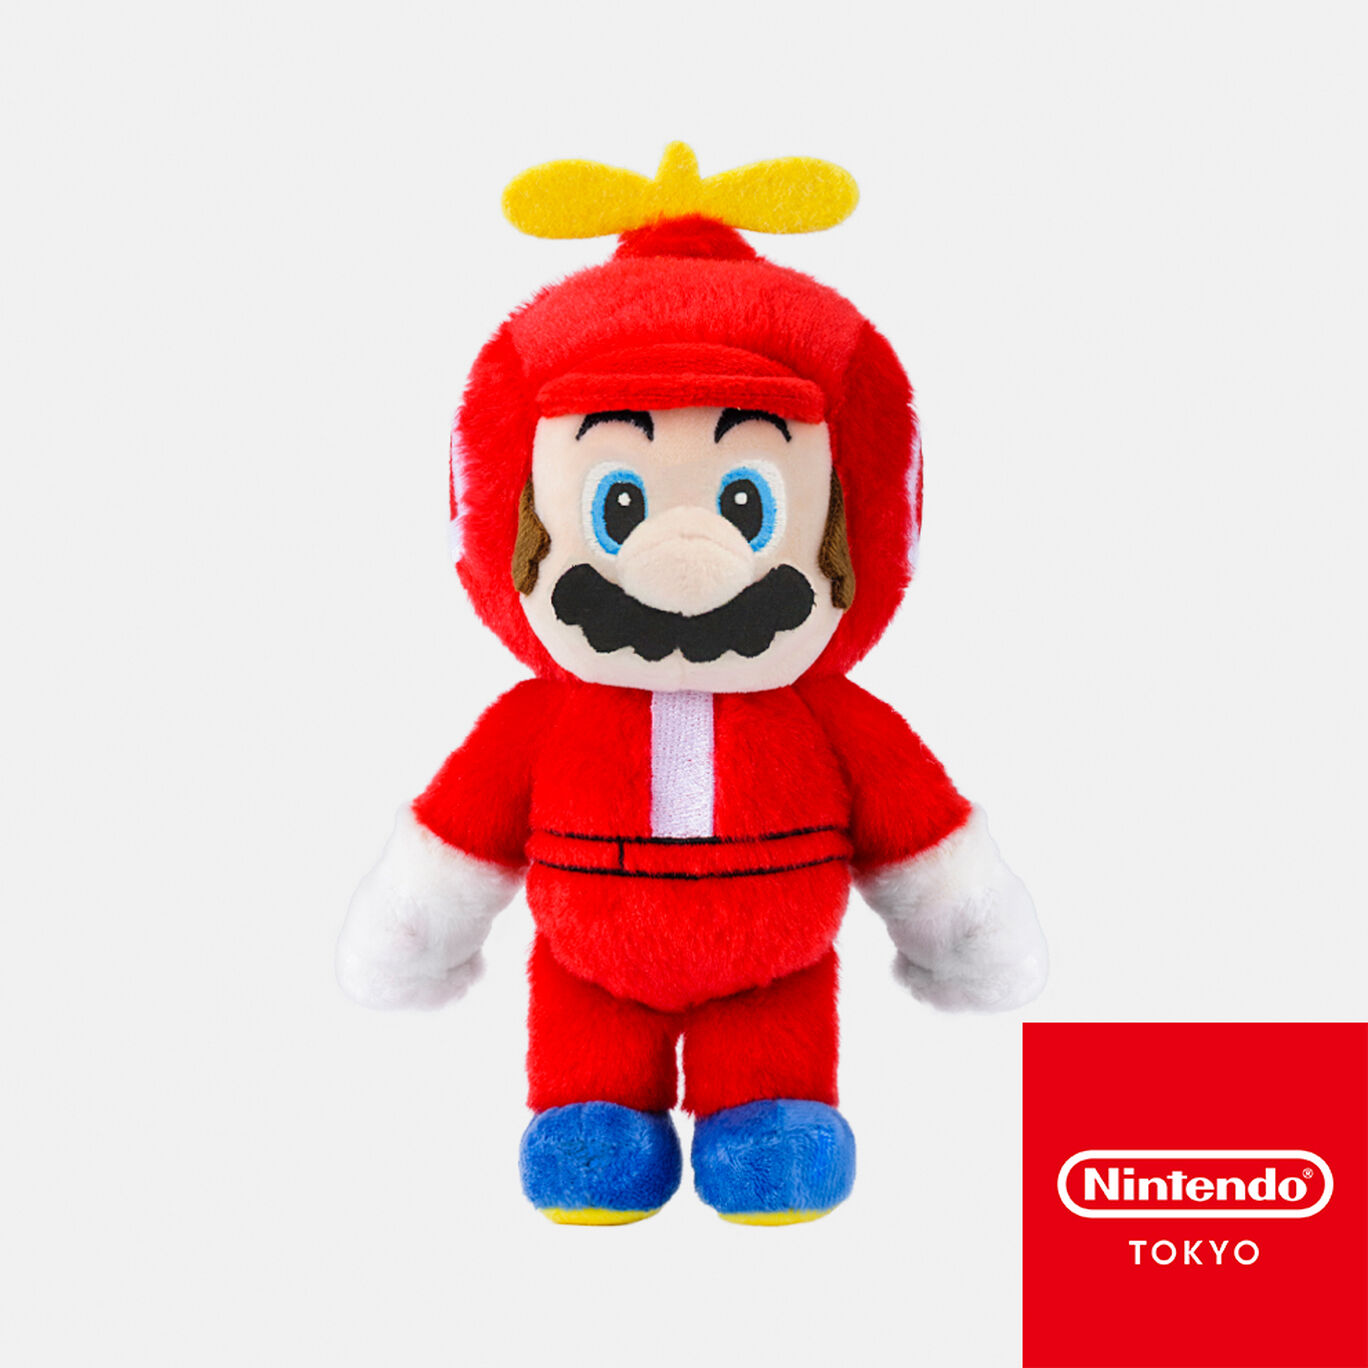 マスコット スーパーマリオ パワーアップ B【Nintendo TOKYO取り扱い商品】